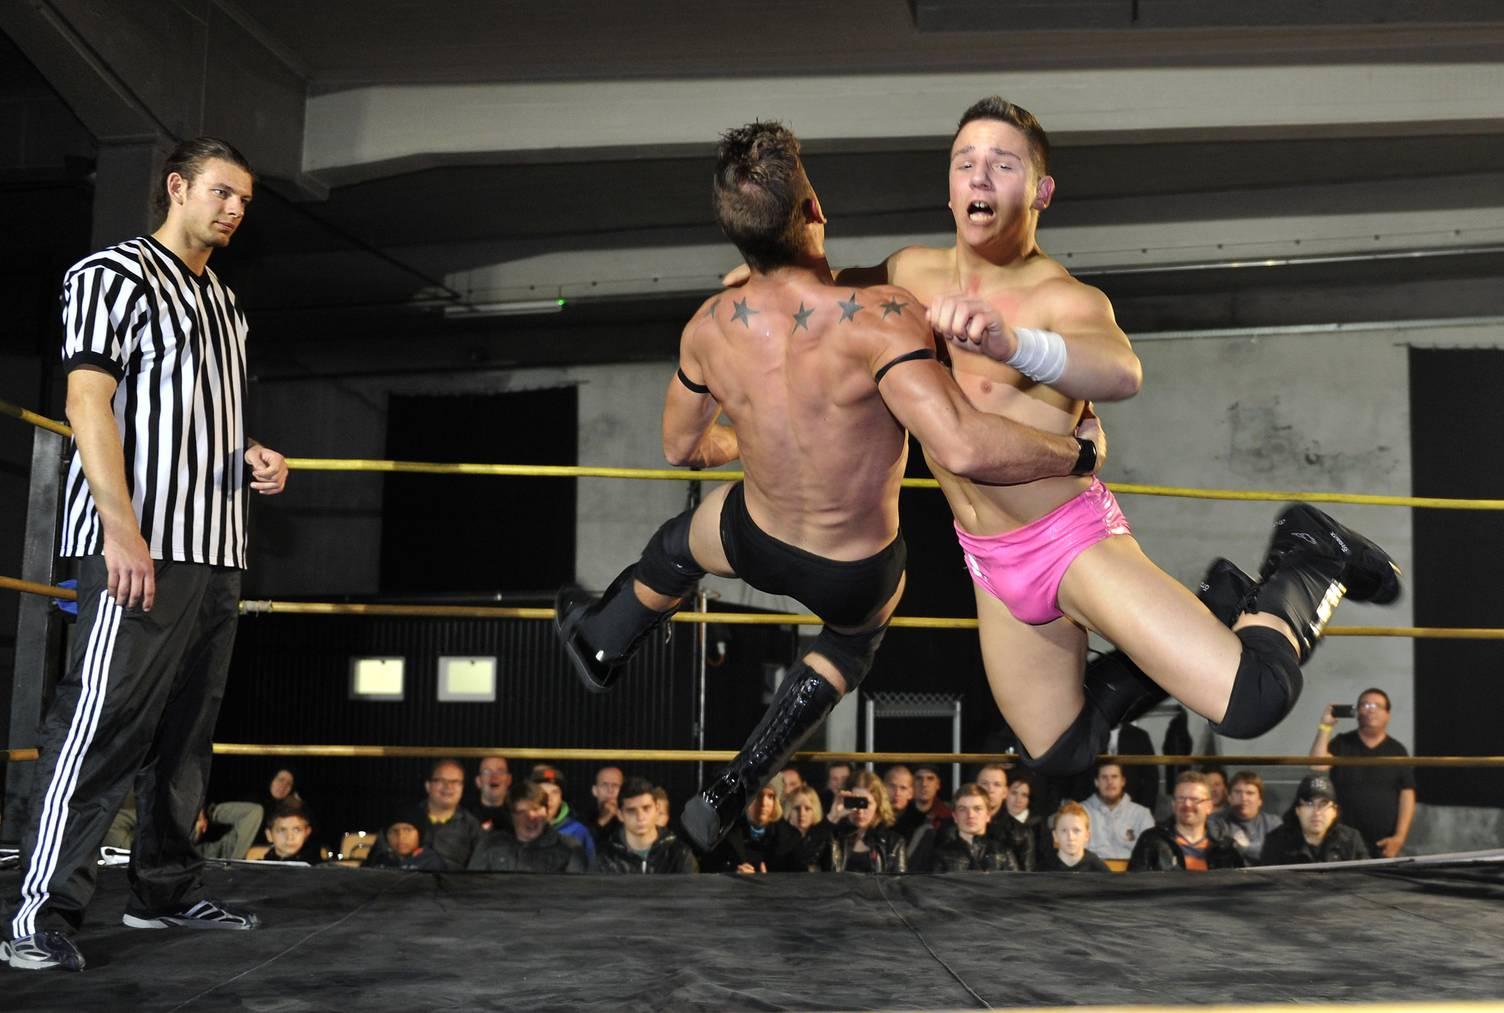 Nach dem Anlass im Jahr 2012 zog sich Wrestling zurück aus Wil. (Archivbild: St.Galler Tagblatt/Ralph Ribi)